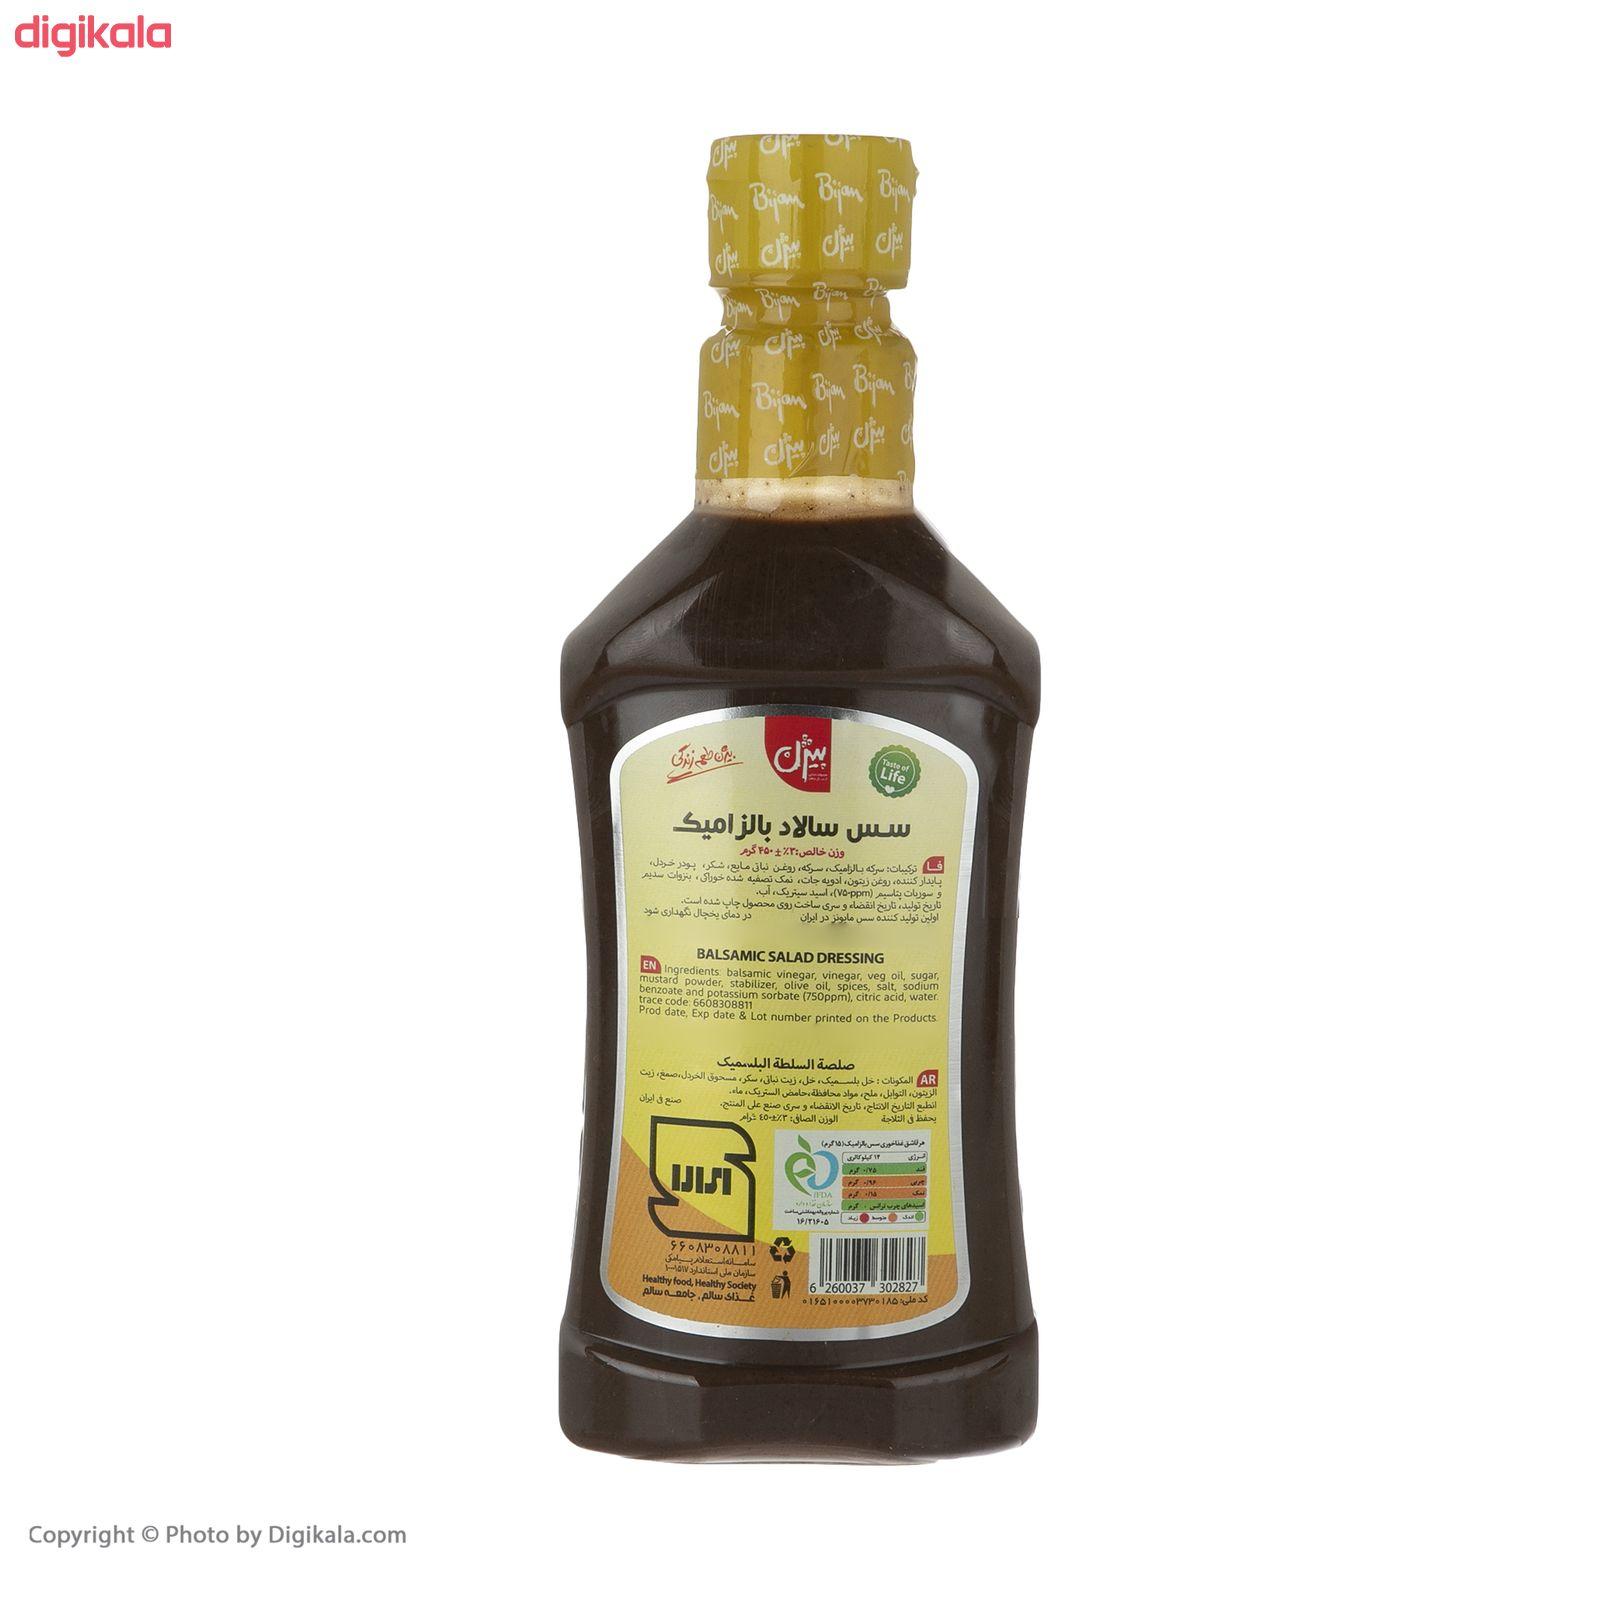 سس بالزامیک بیژن مقدار 450 گرم main 1 2